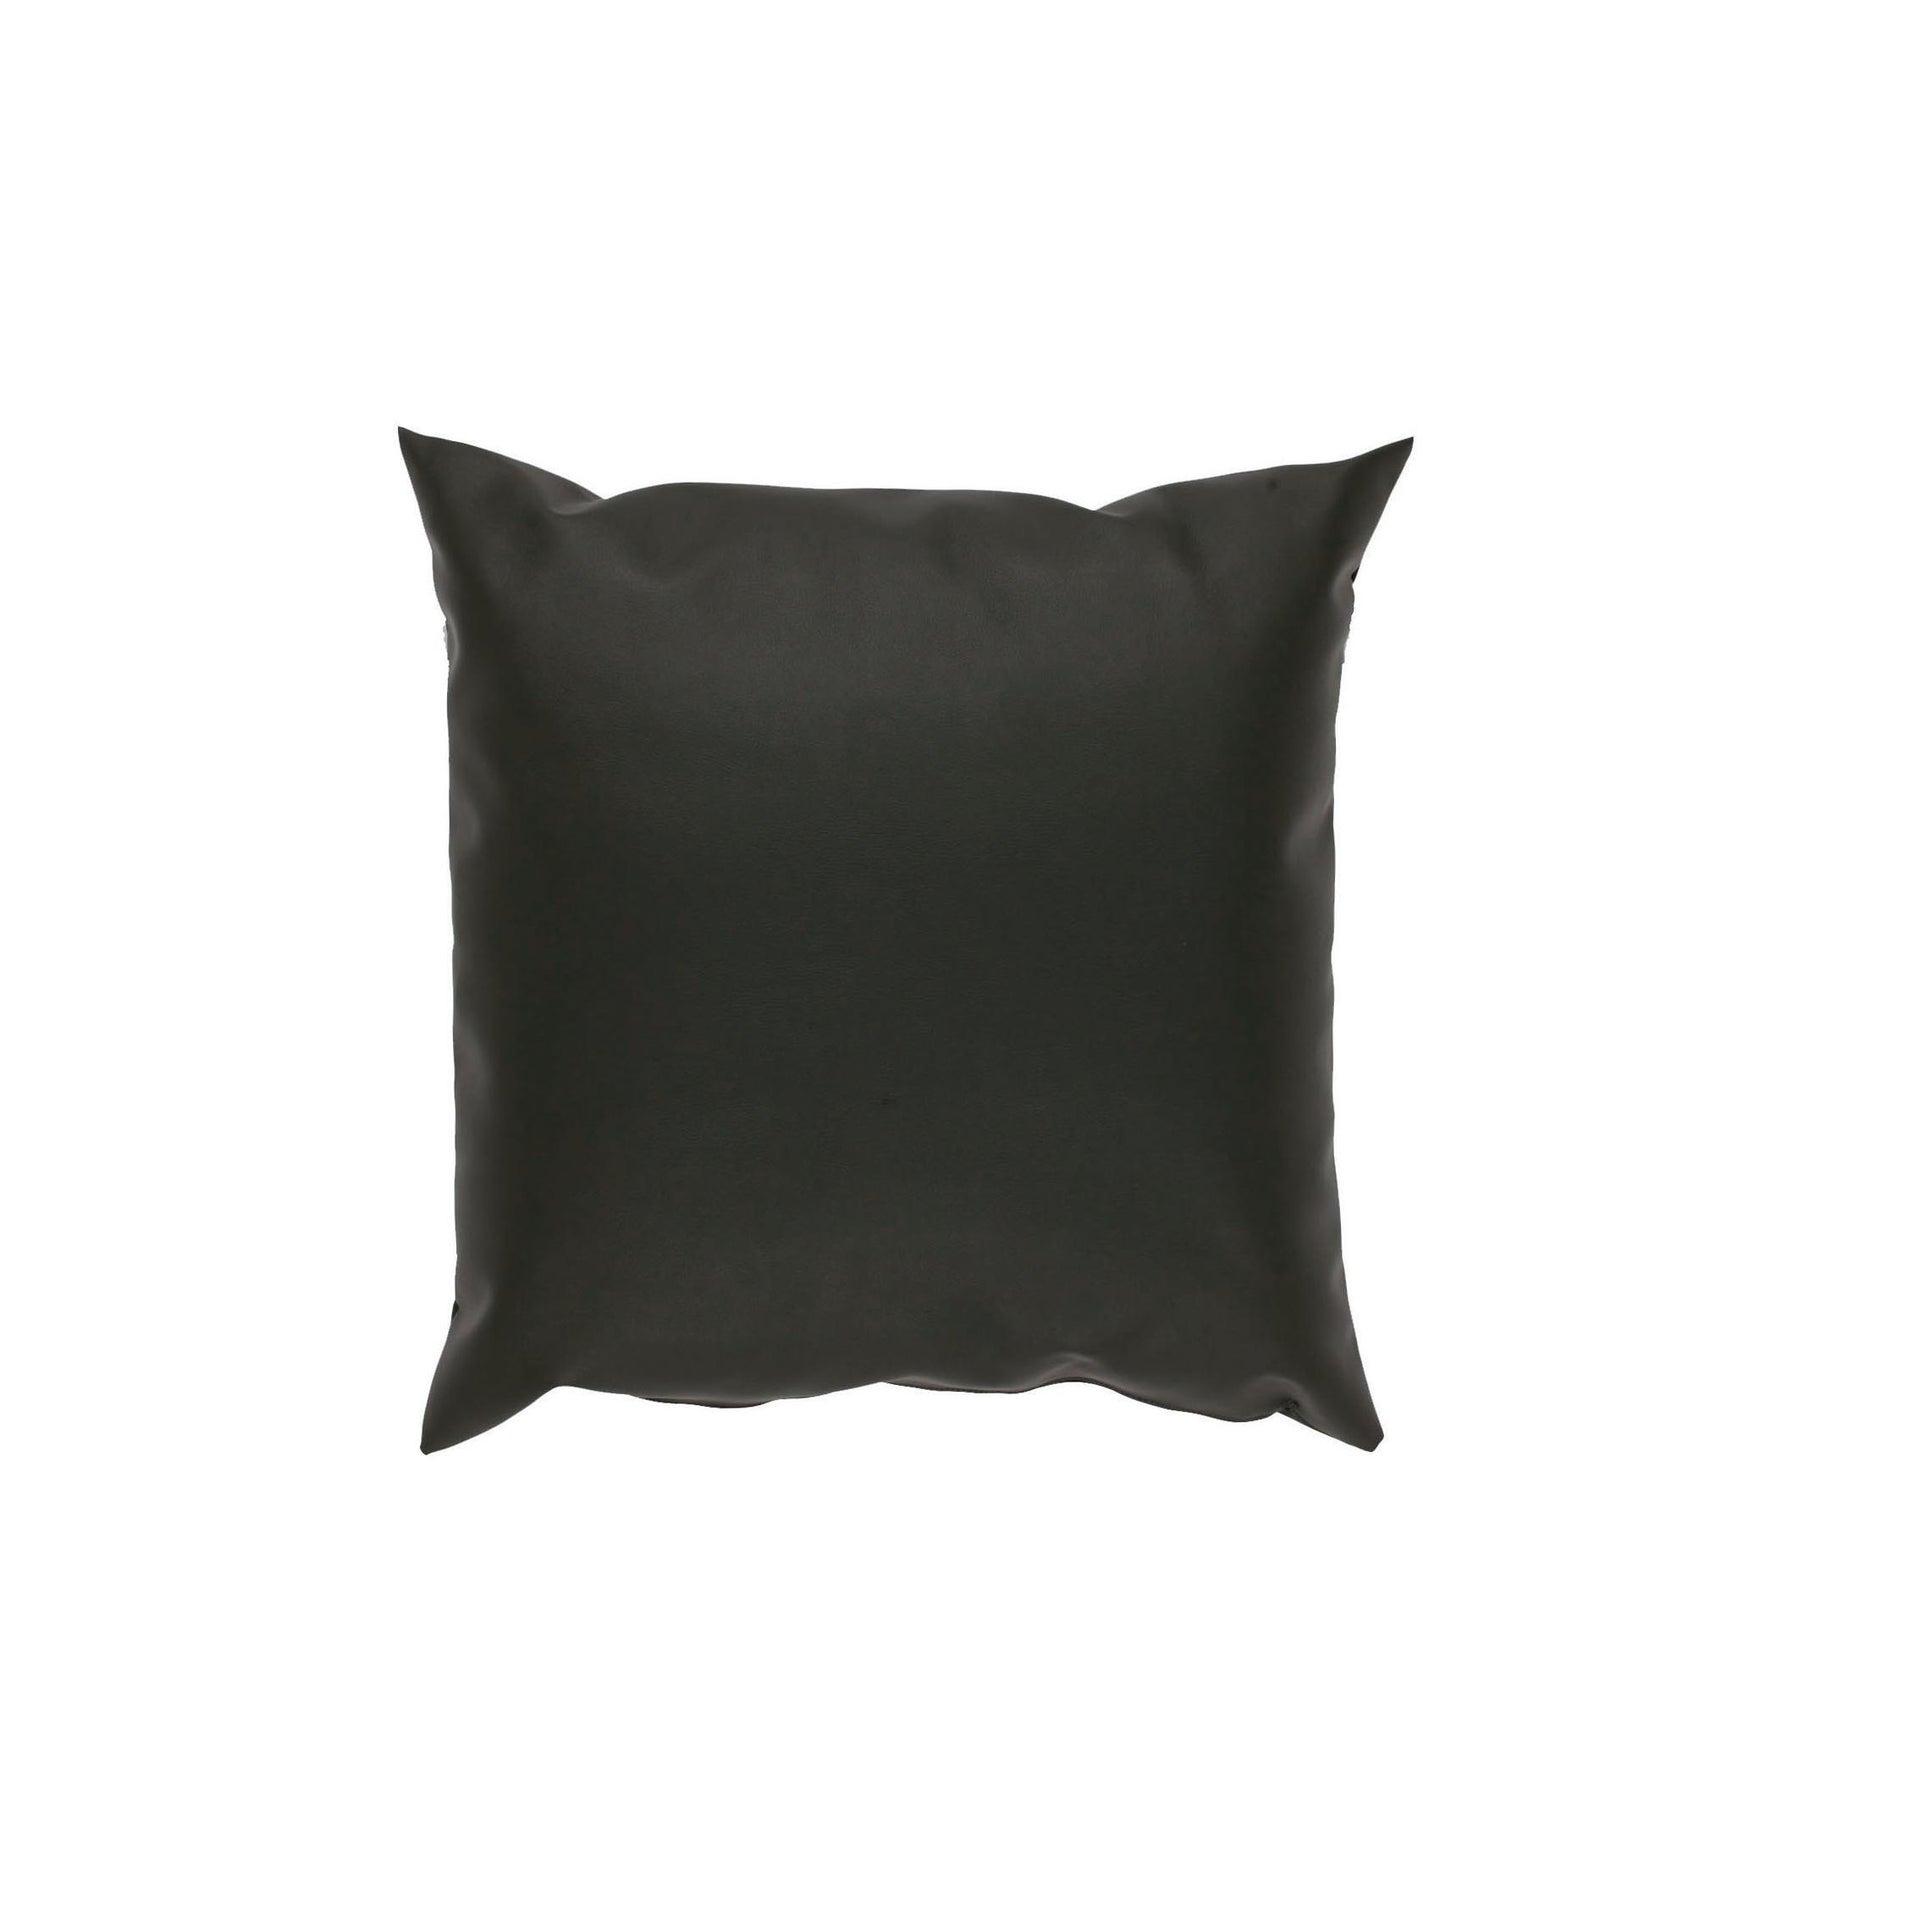 Cuscino Silvia nero 60x60 cm - 1